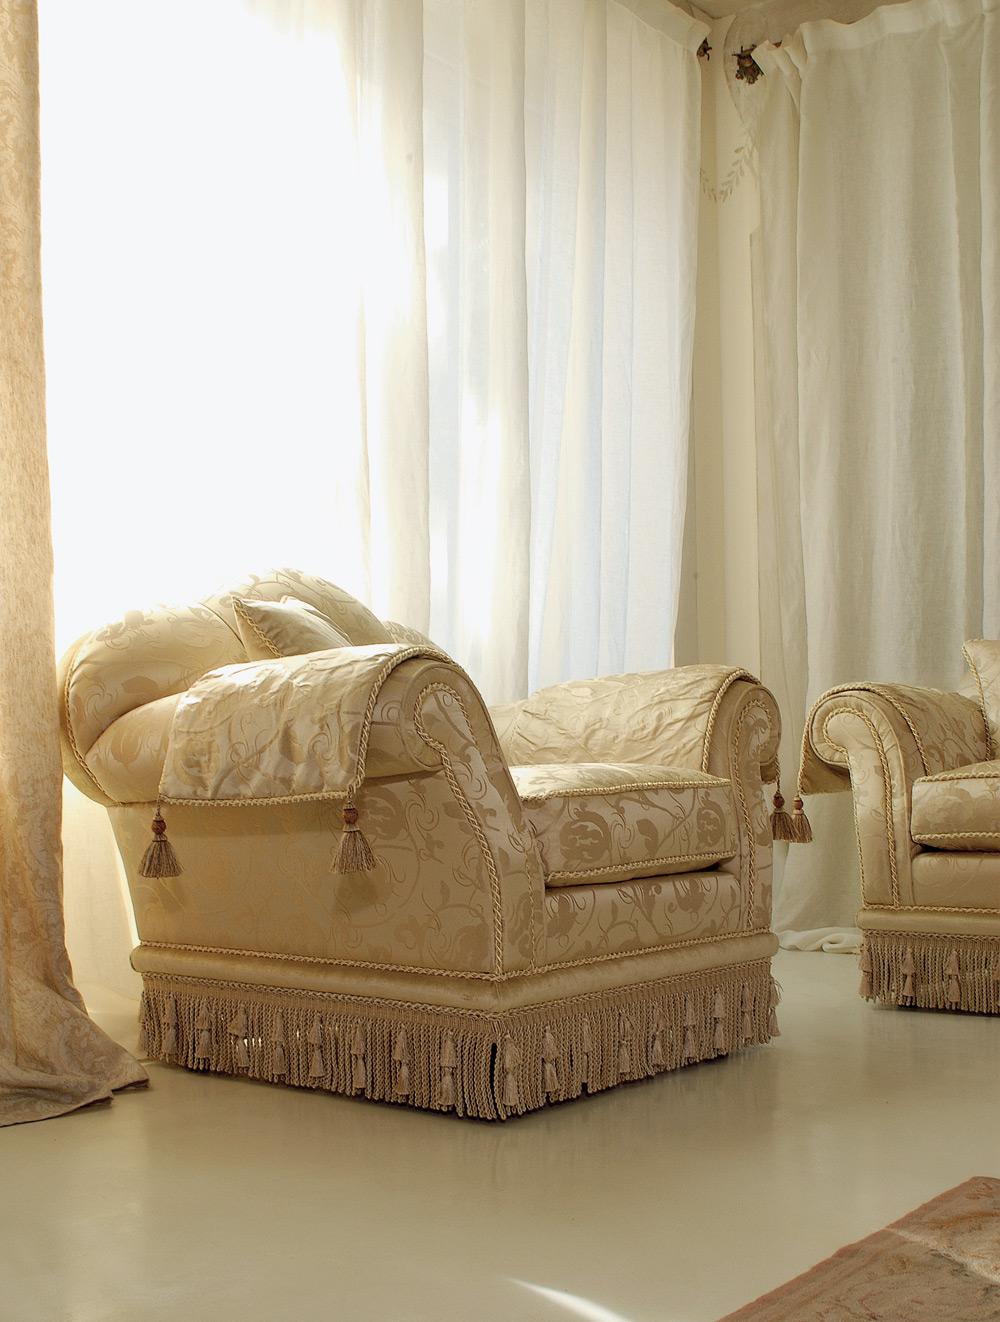 Tessuti Per Divani Classici.Glicine Divano Classico In Tessuto Damascato Pigoli Made In Italy